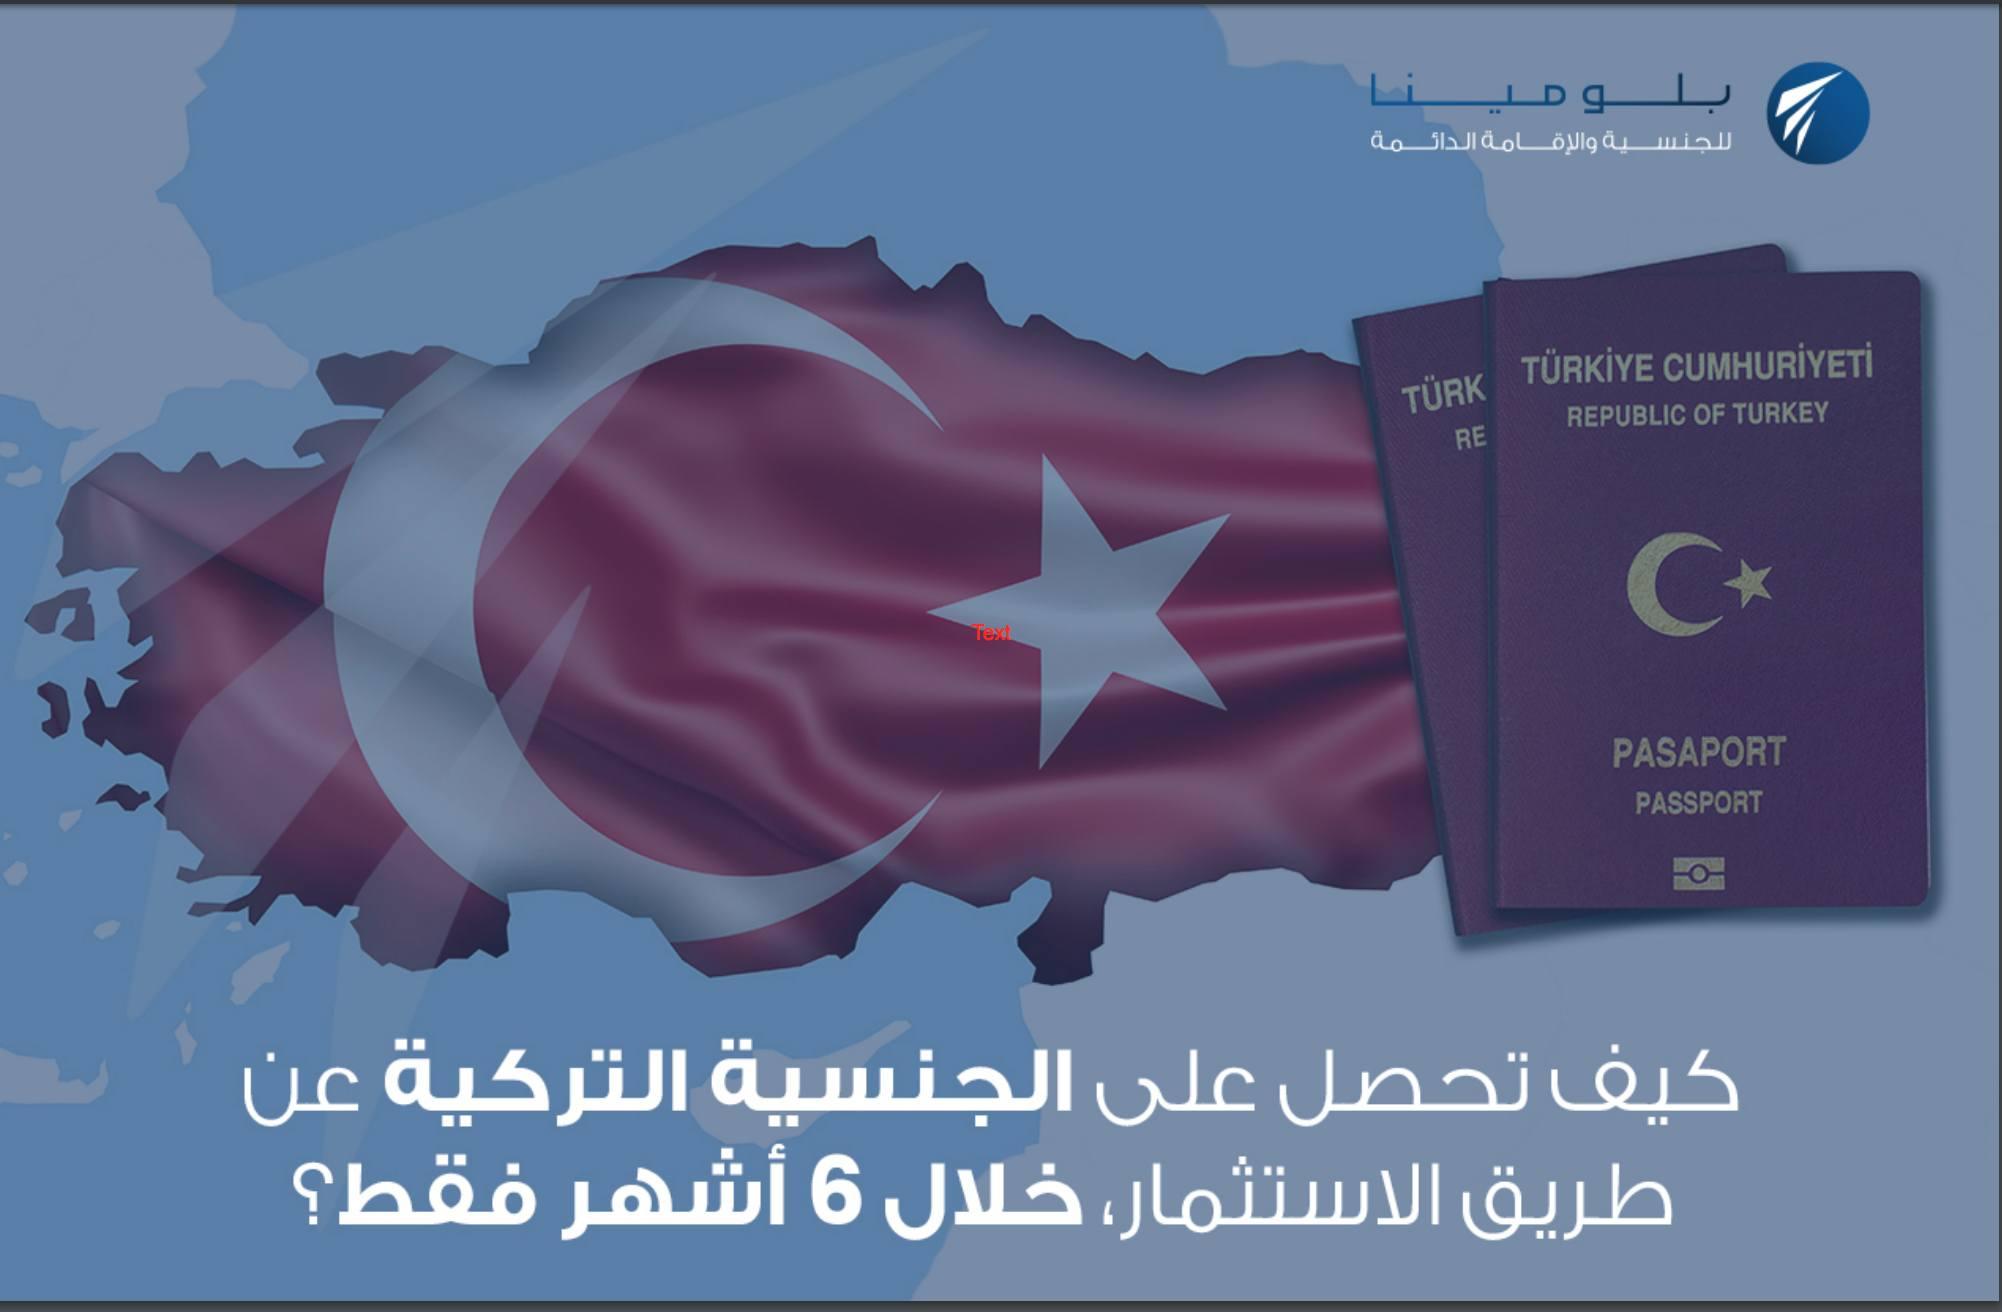 كيف تحصل على الجنسية التركية عن طريق الاستثمار، خلال 6 أشهر فقط؟